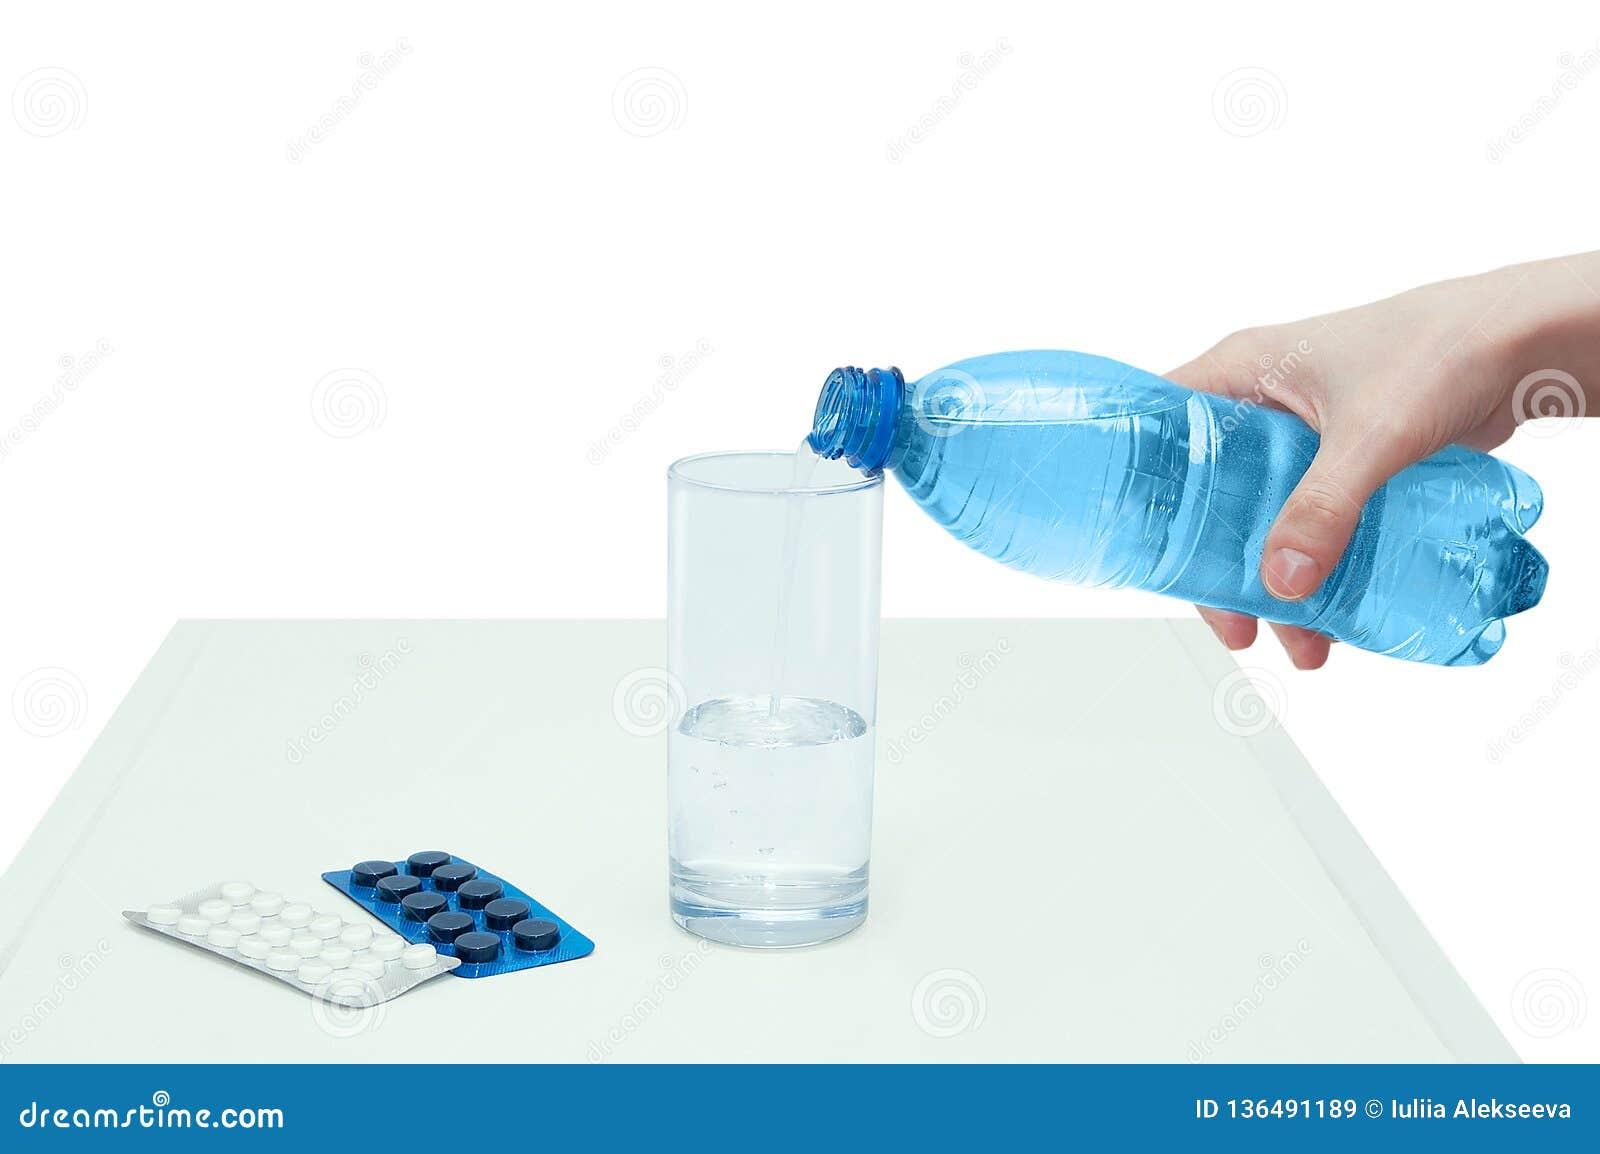 De meisjeshand giet water van de fles in het glas Nabijgelegen lig verpakking met tabletten